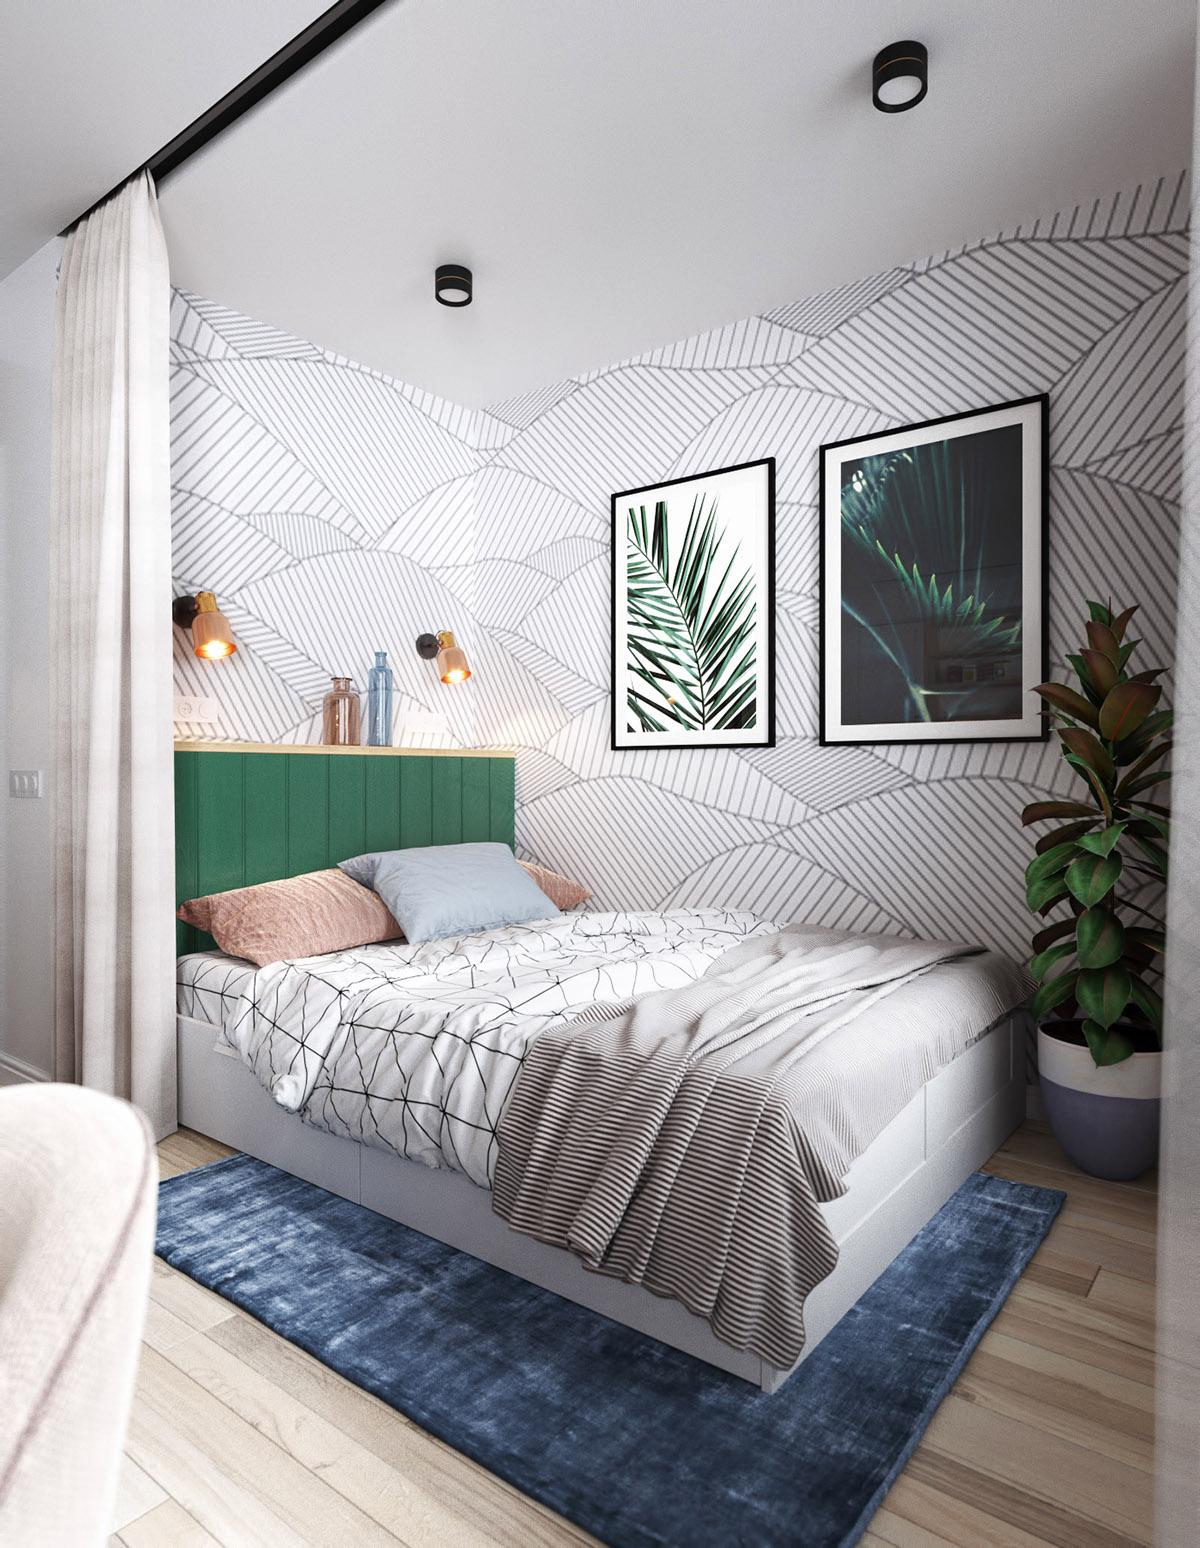 дизайн маленькой квартиры фото 33